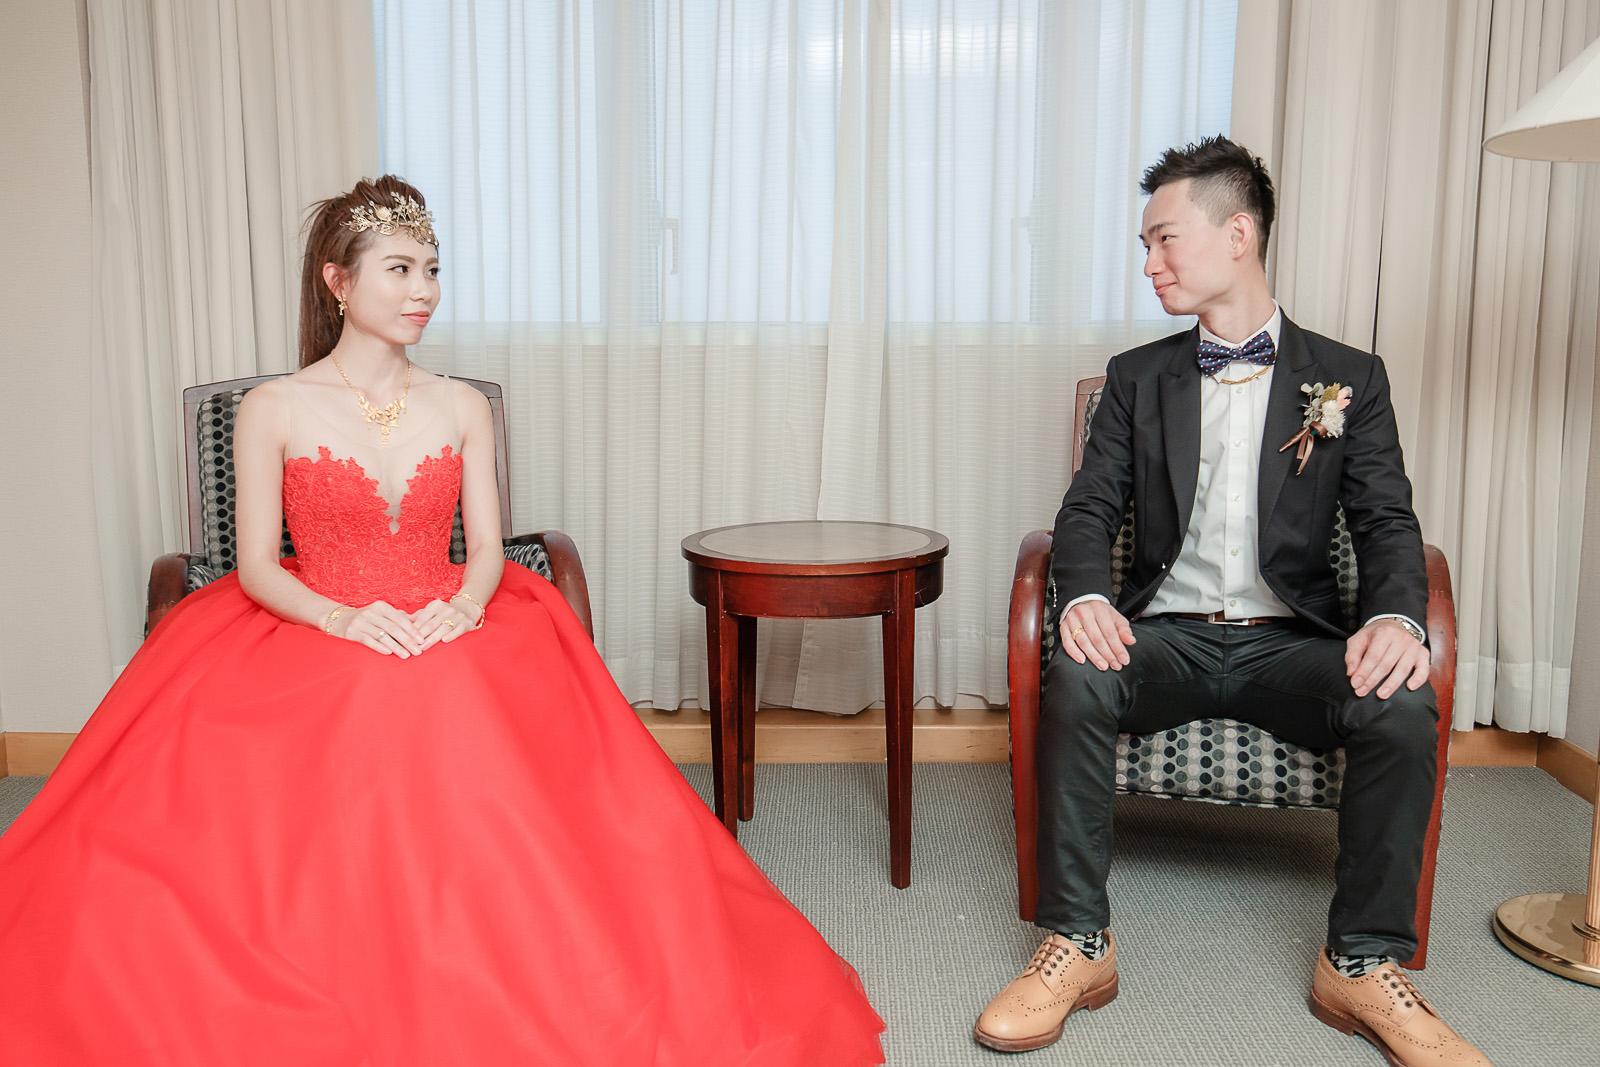 高雄圓山飯店,婚禮攝影,婚攝,高雄婚攝,優質婚攝推薦,Jen&Ethan-053